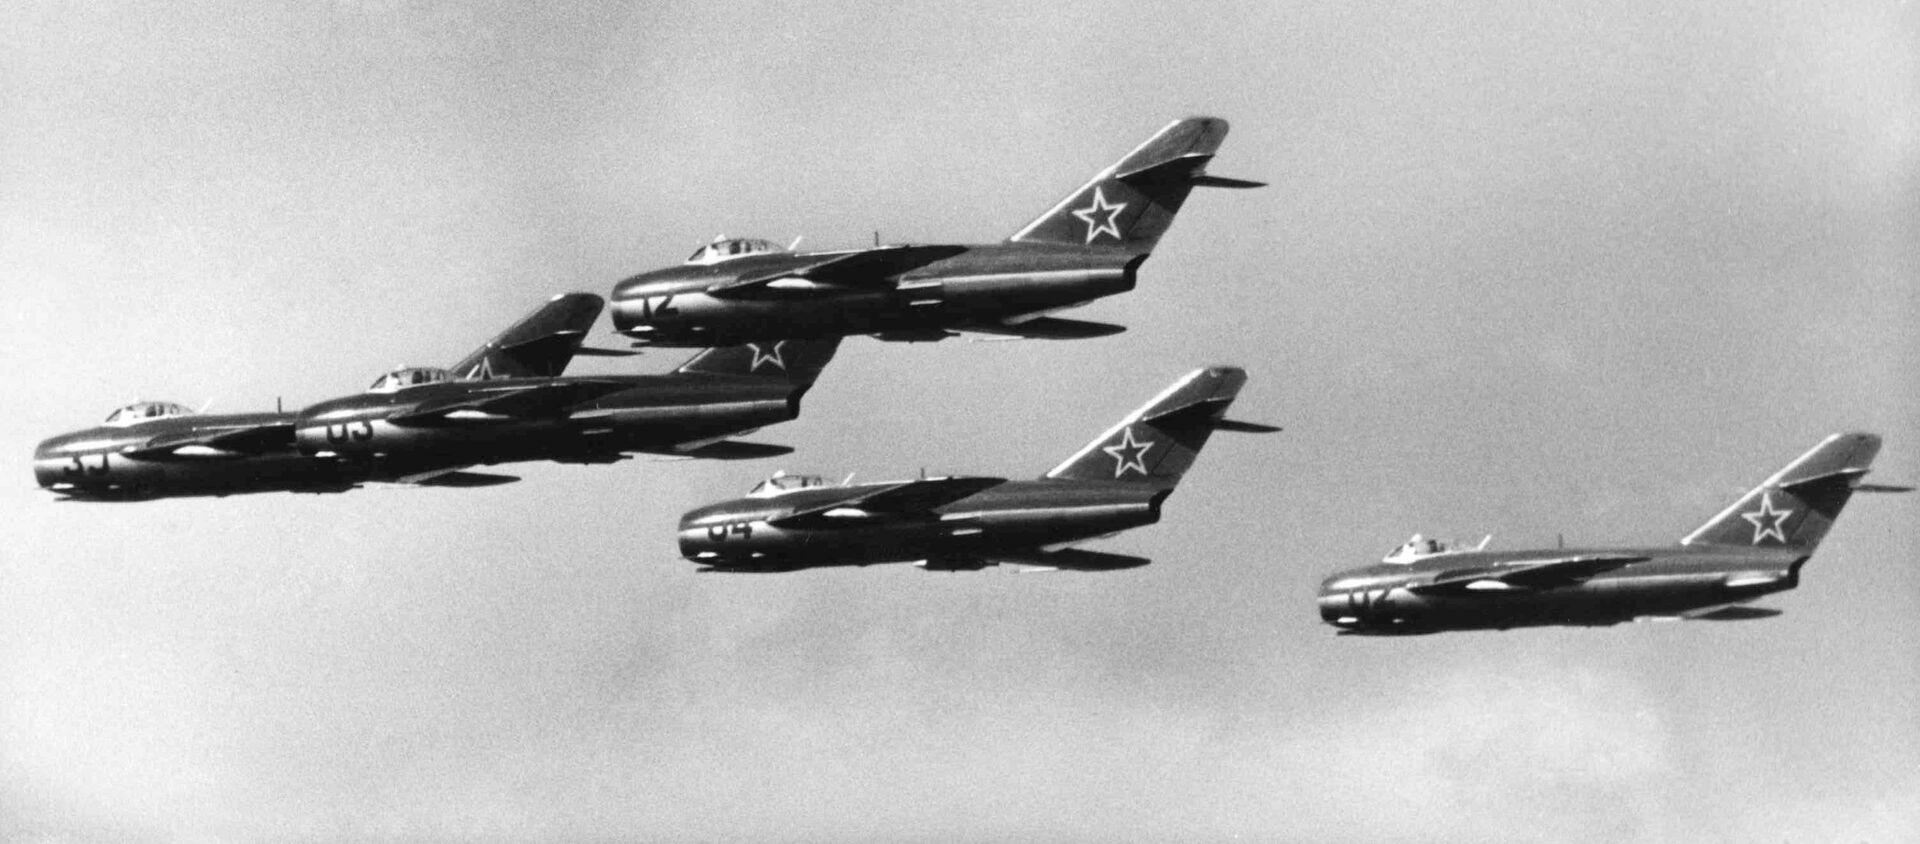 Ruské stíhačky MIG-15 na festivalu v Německu, 1957 - Sputnik Česká republika, 1920, 12.04.2021